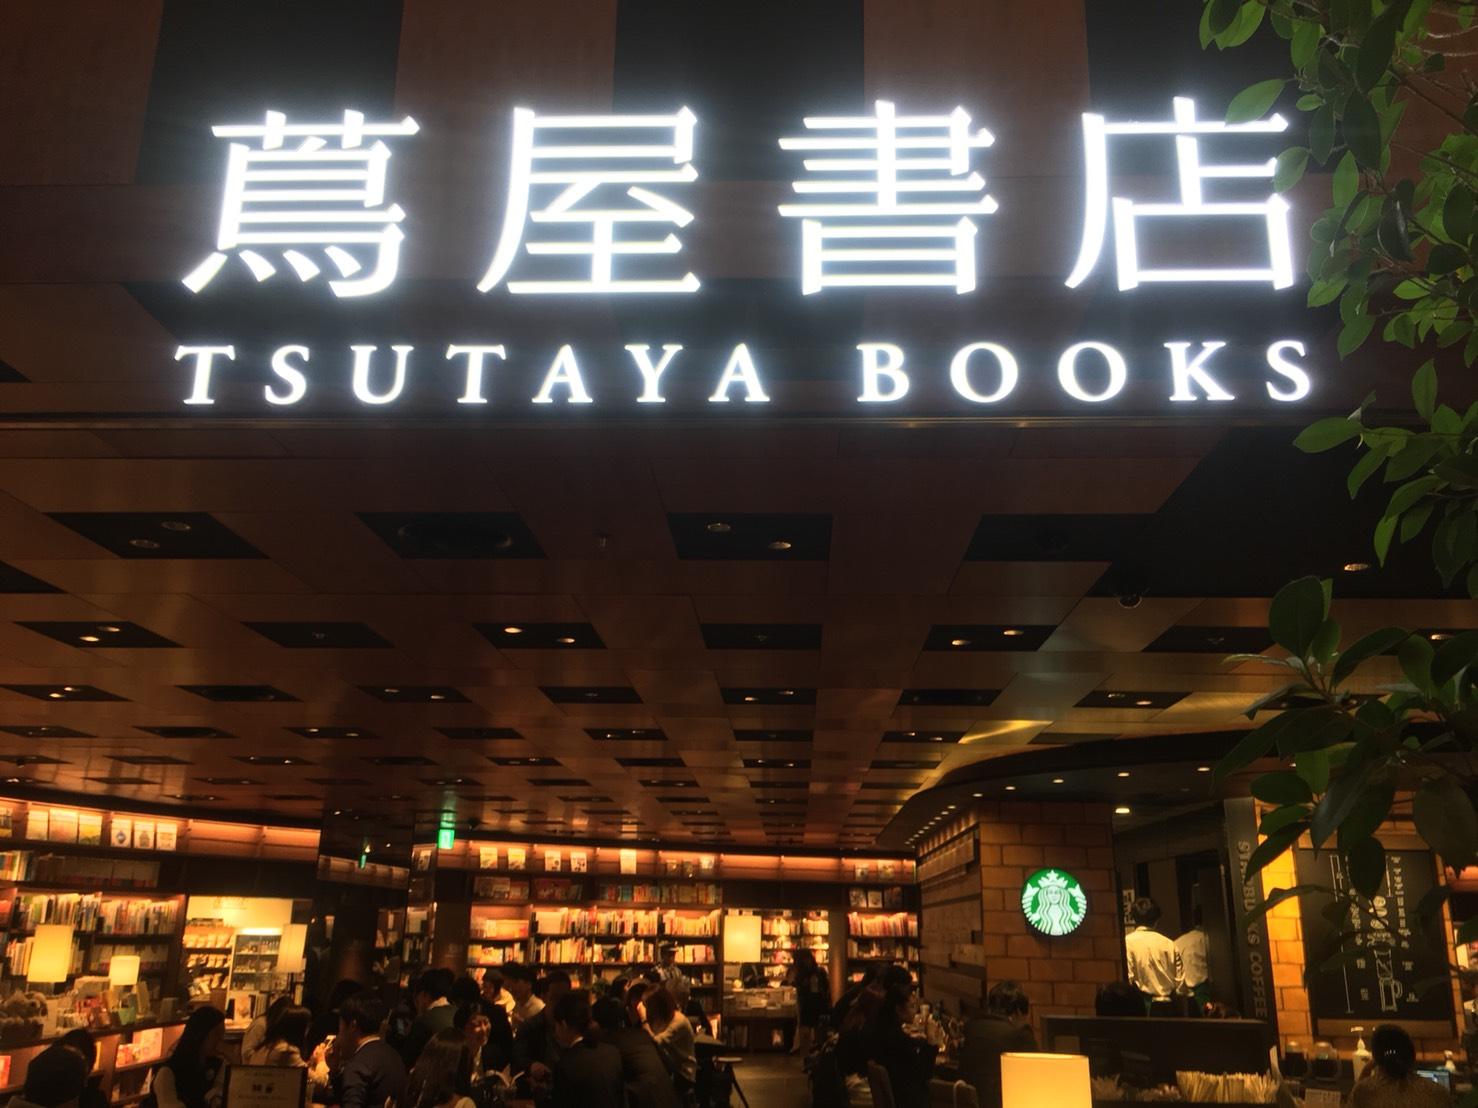 大阪梅田の勉強できるカフェ 蔦屋書店